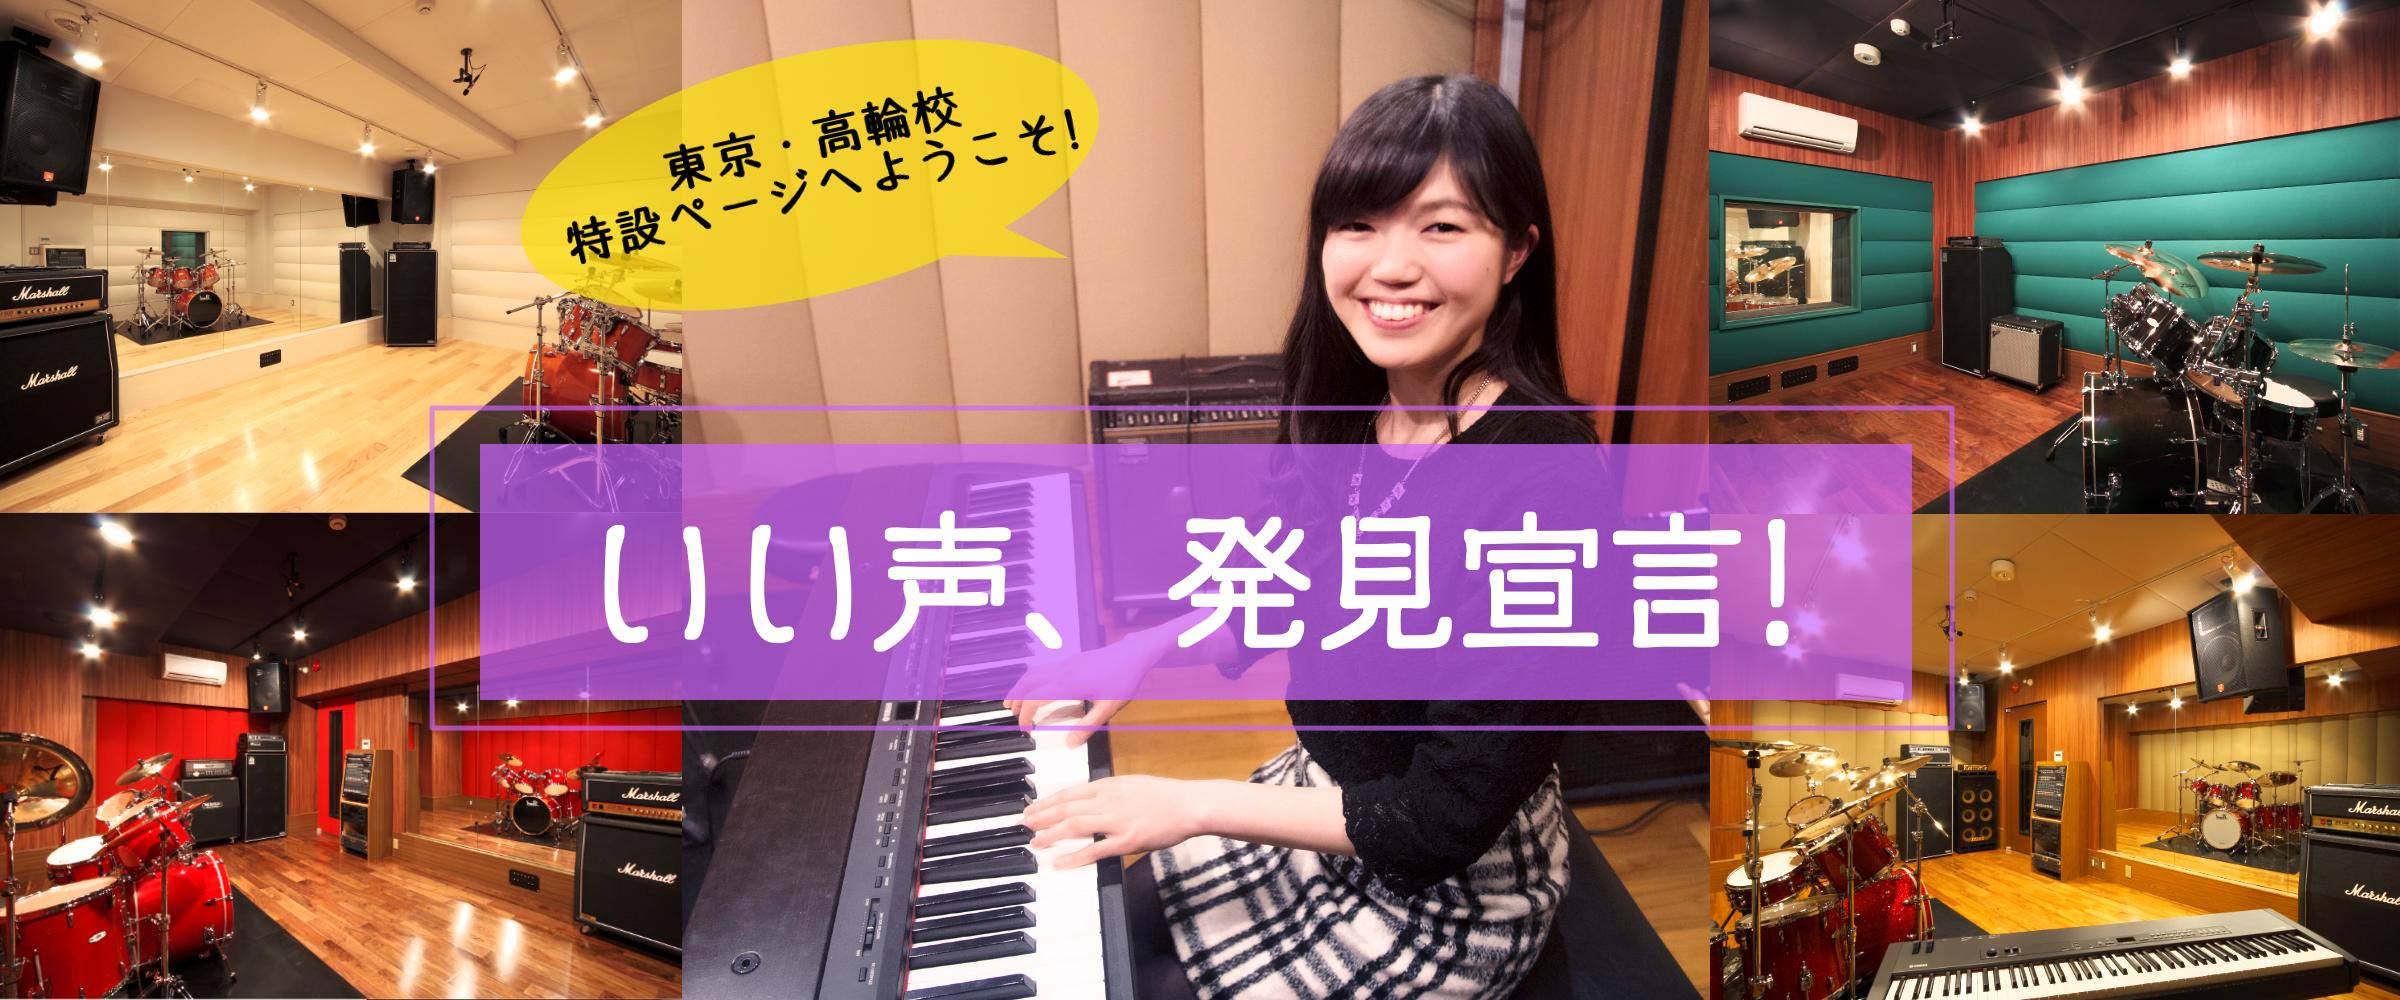 tokyo_banner1